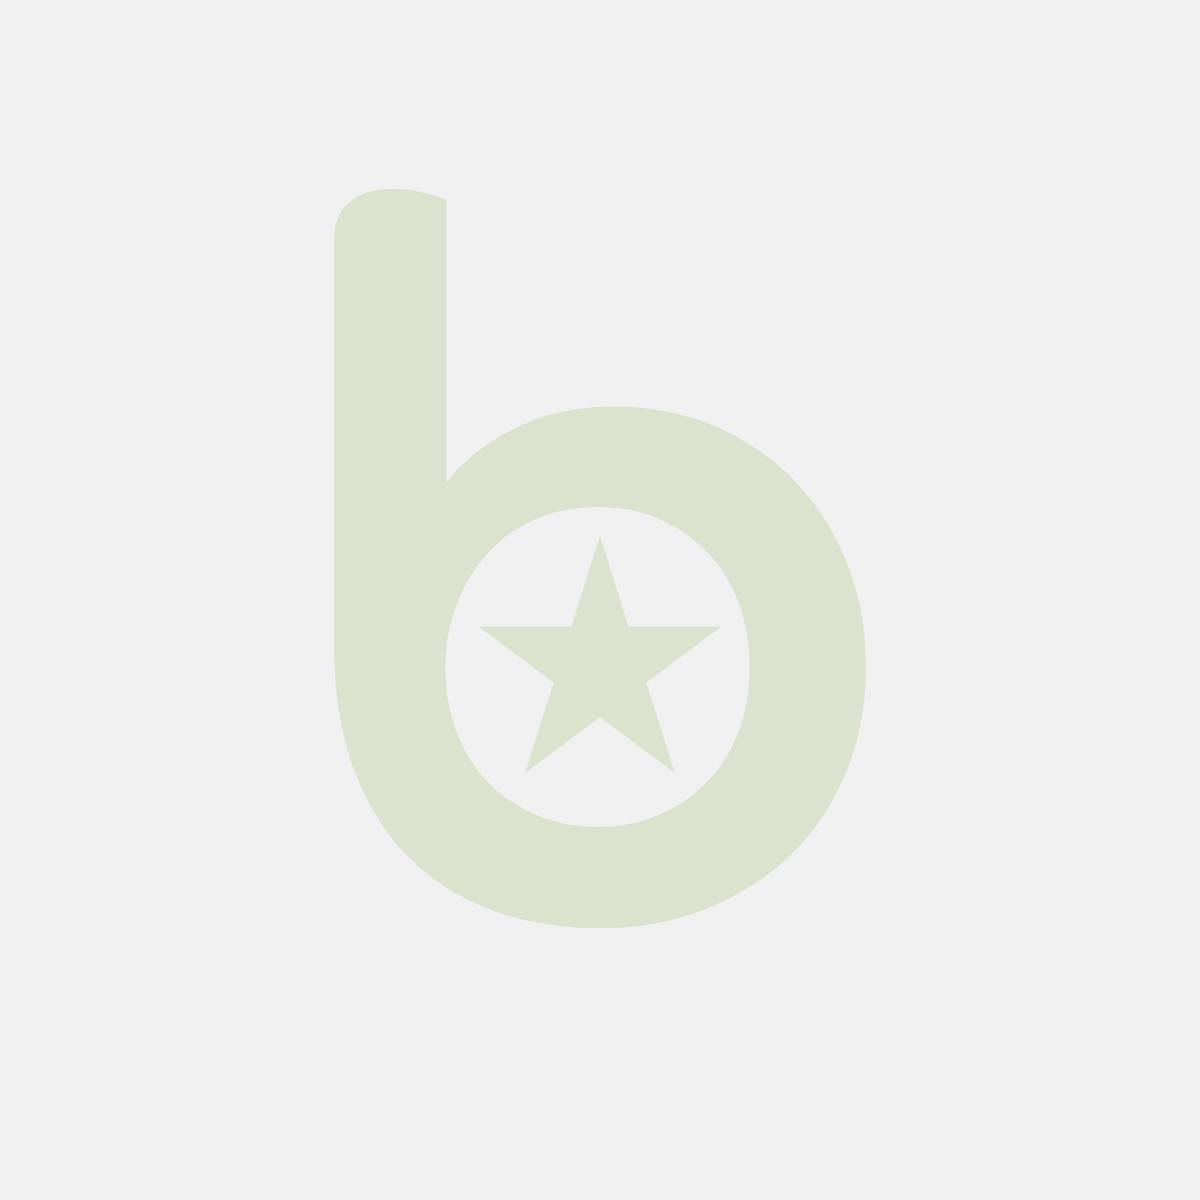 Taca drewnopodobna prostokątna 32x17cm czarna GN1/3 melamina